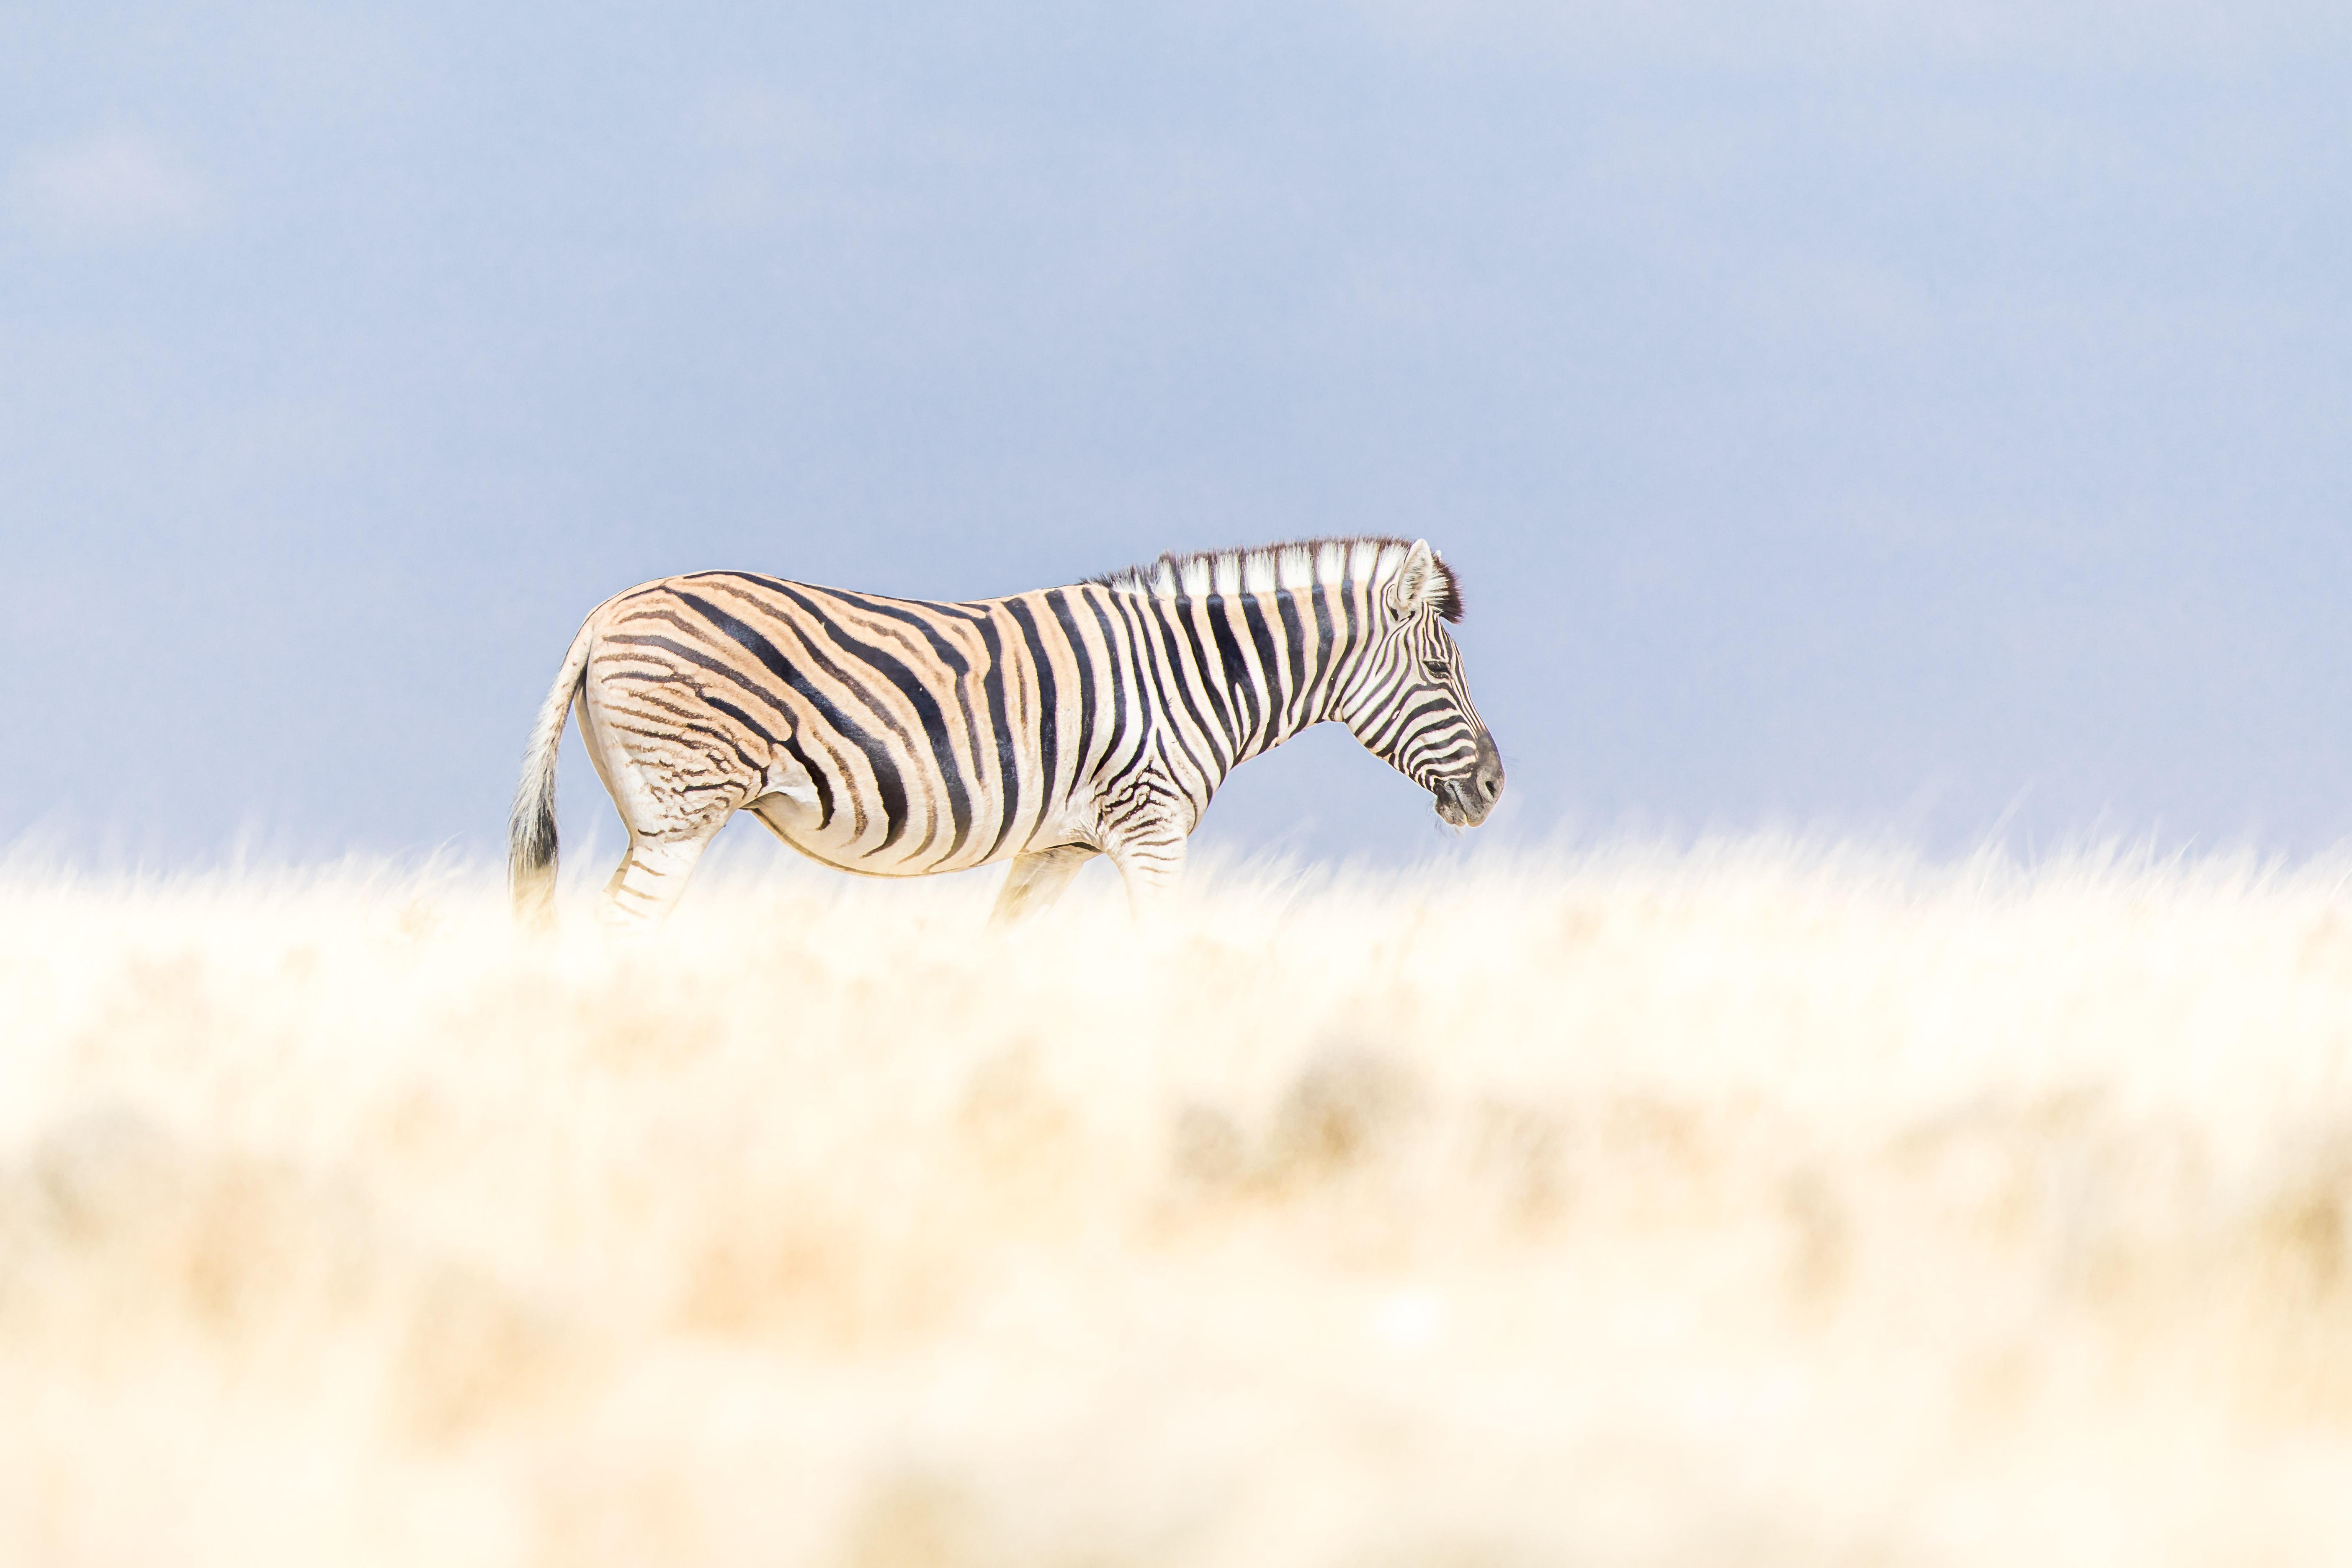 zebra_full